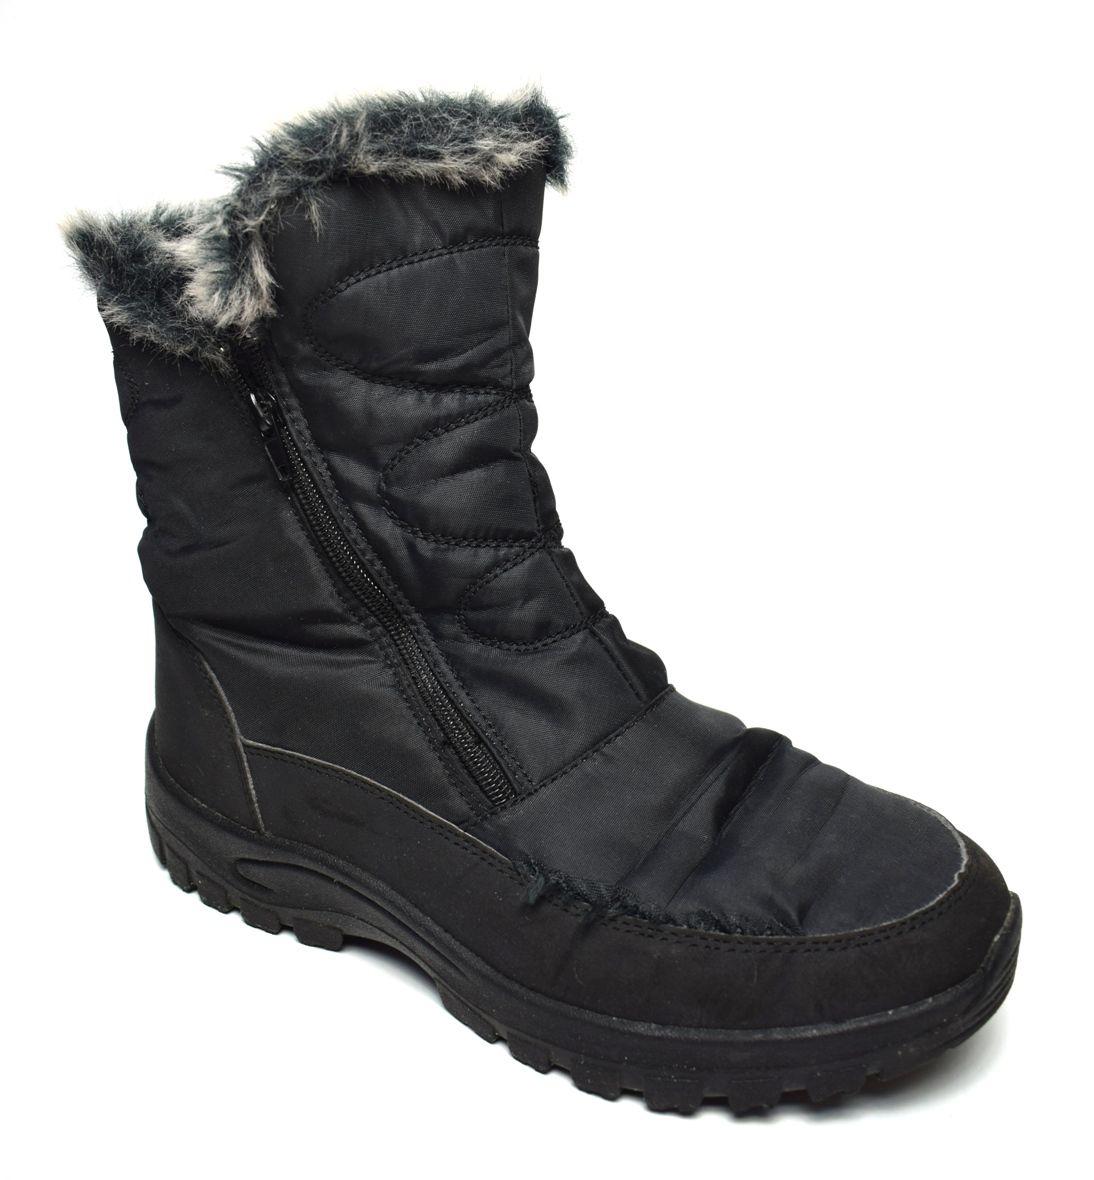 d6a8b817 AF markowe buty ŚNIEGOWCE damskie 40 - 7312780150 - oficjalne ...